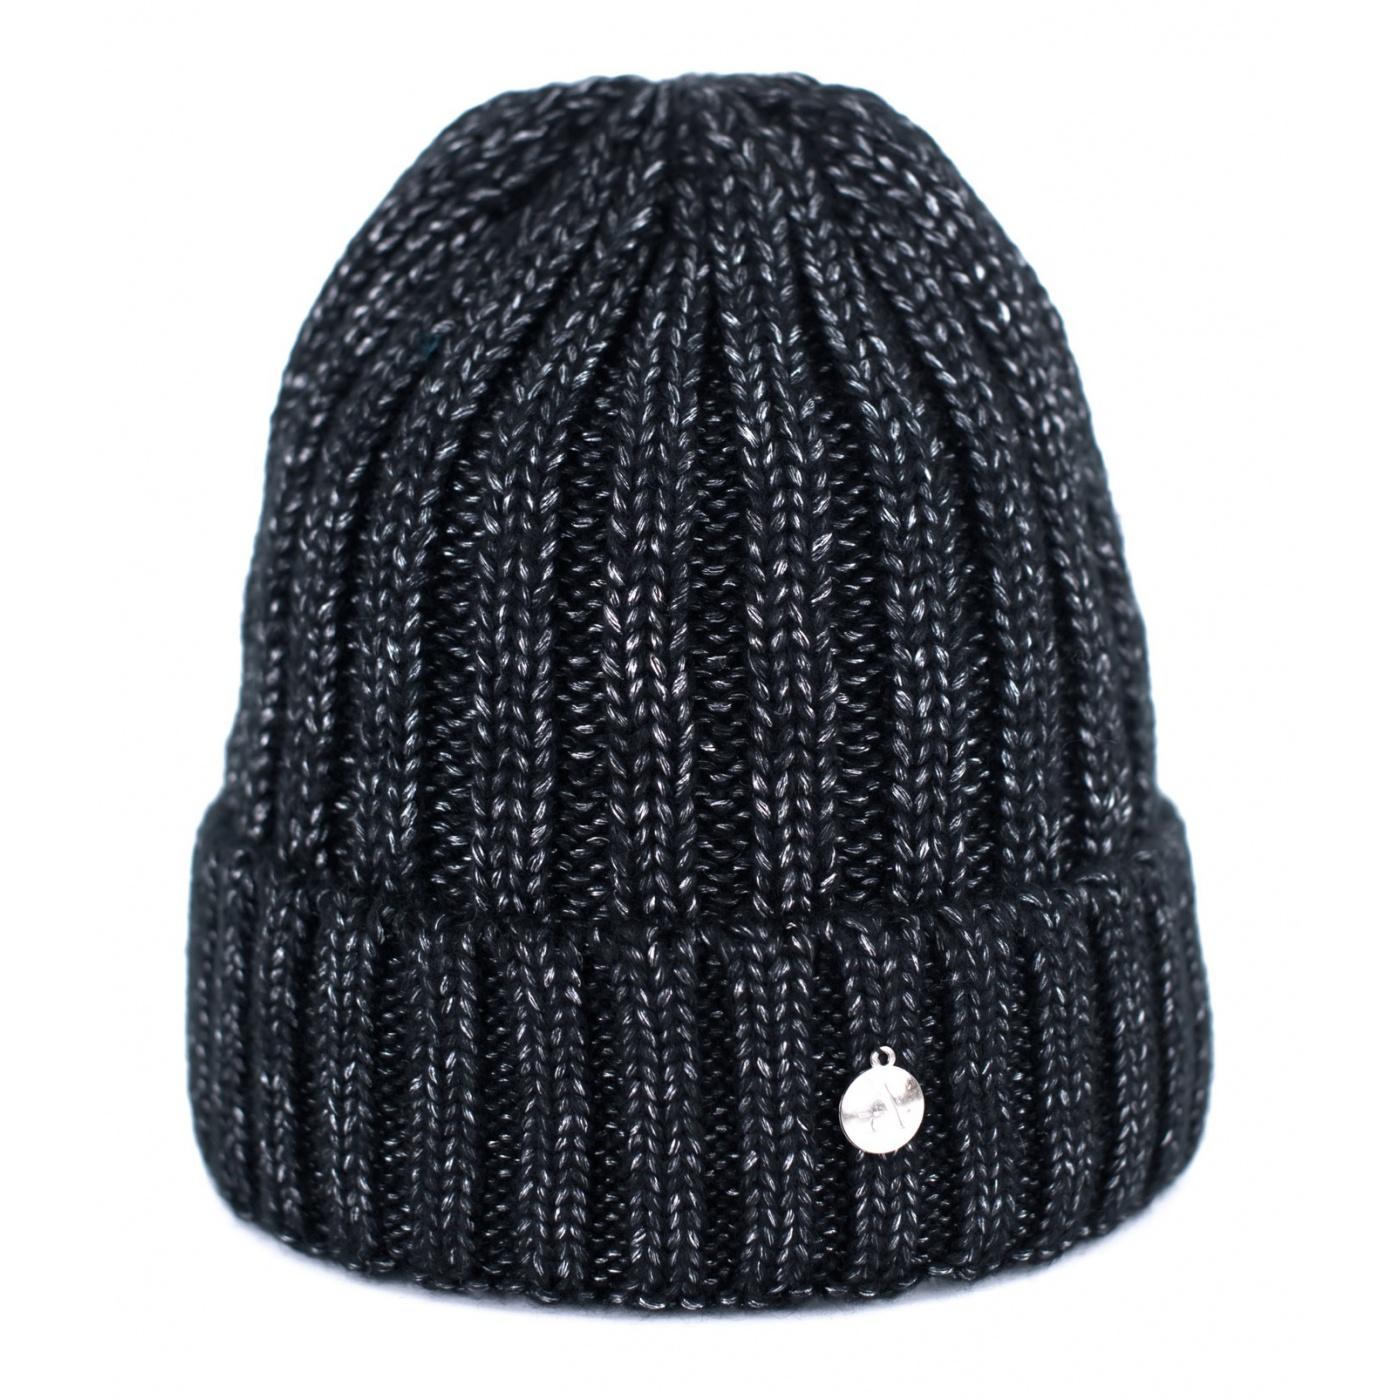 Czapka zimowa damska w prążki - czarna i srebrna nitka